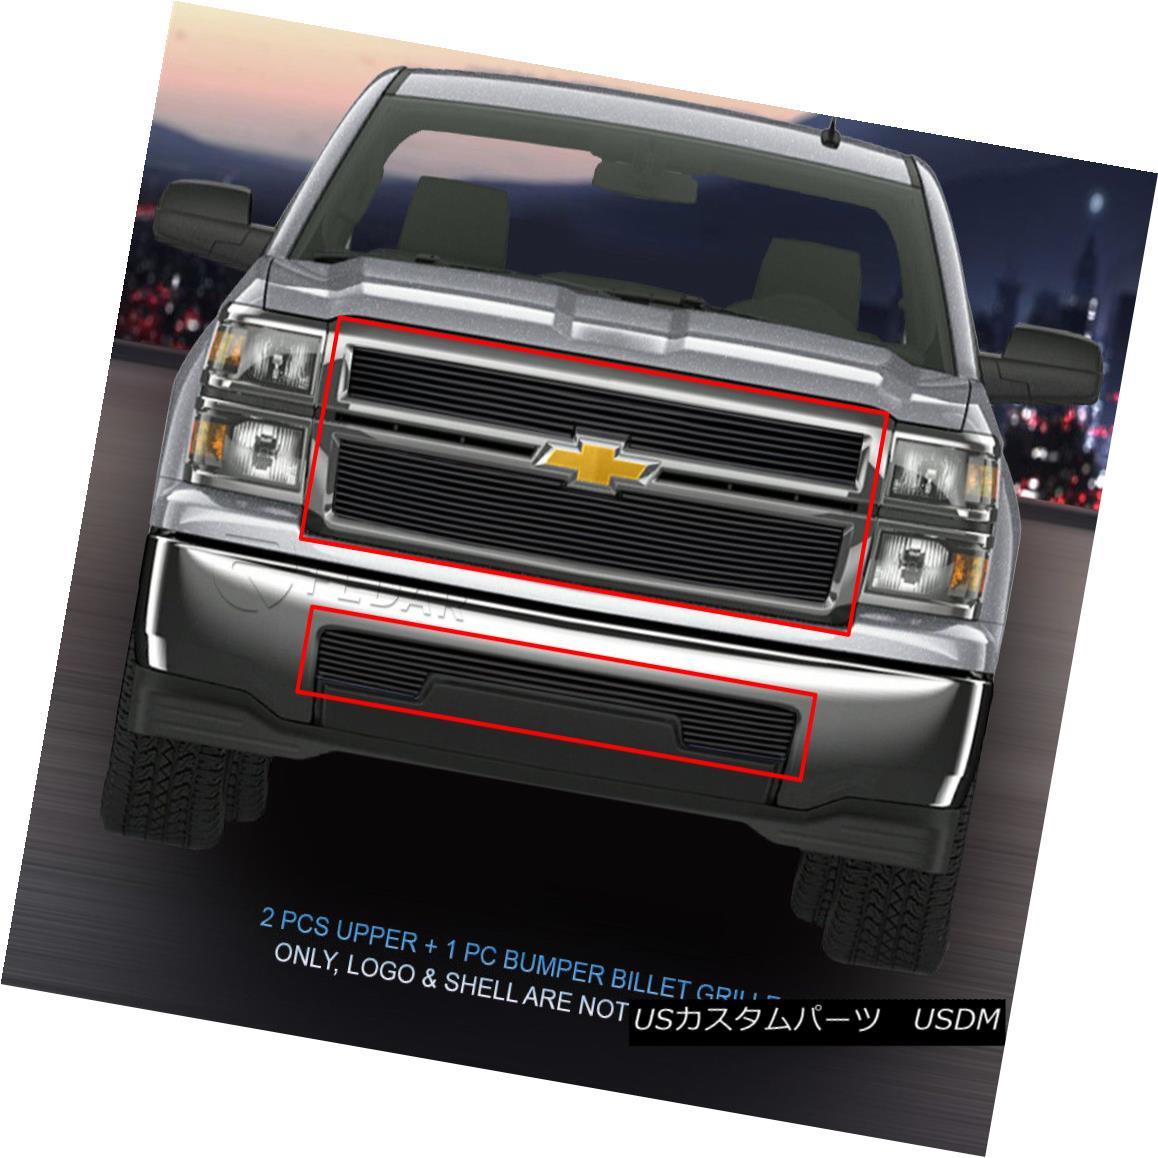 グリル 2014-2015 Chevy Silverado 1500 Black Billet Grille COMBO Grill Insert Fedar 2014-2015 Chevy Silverado 1500 Black Billet GrilleコンボグリルインサートFedar